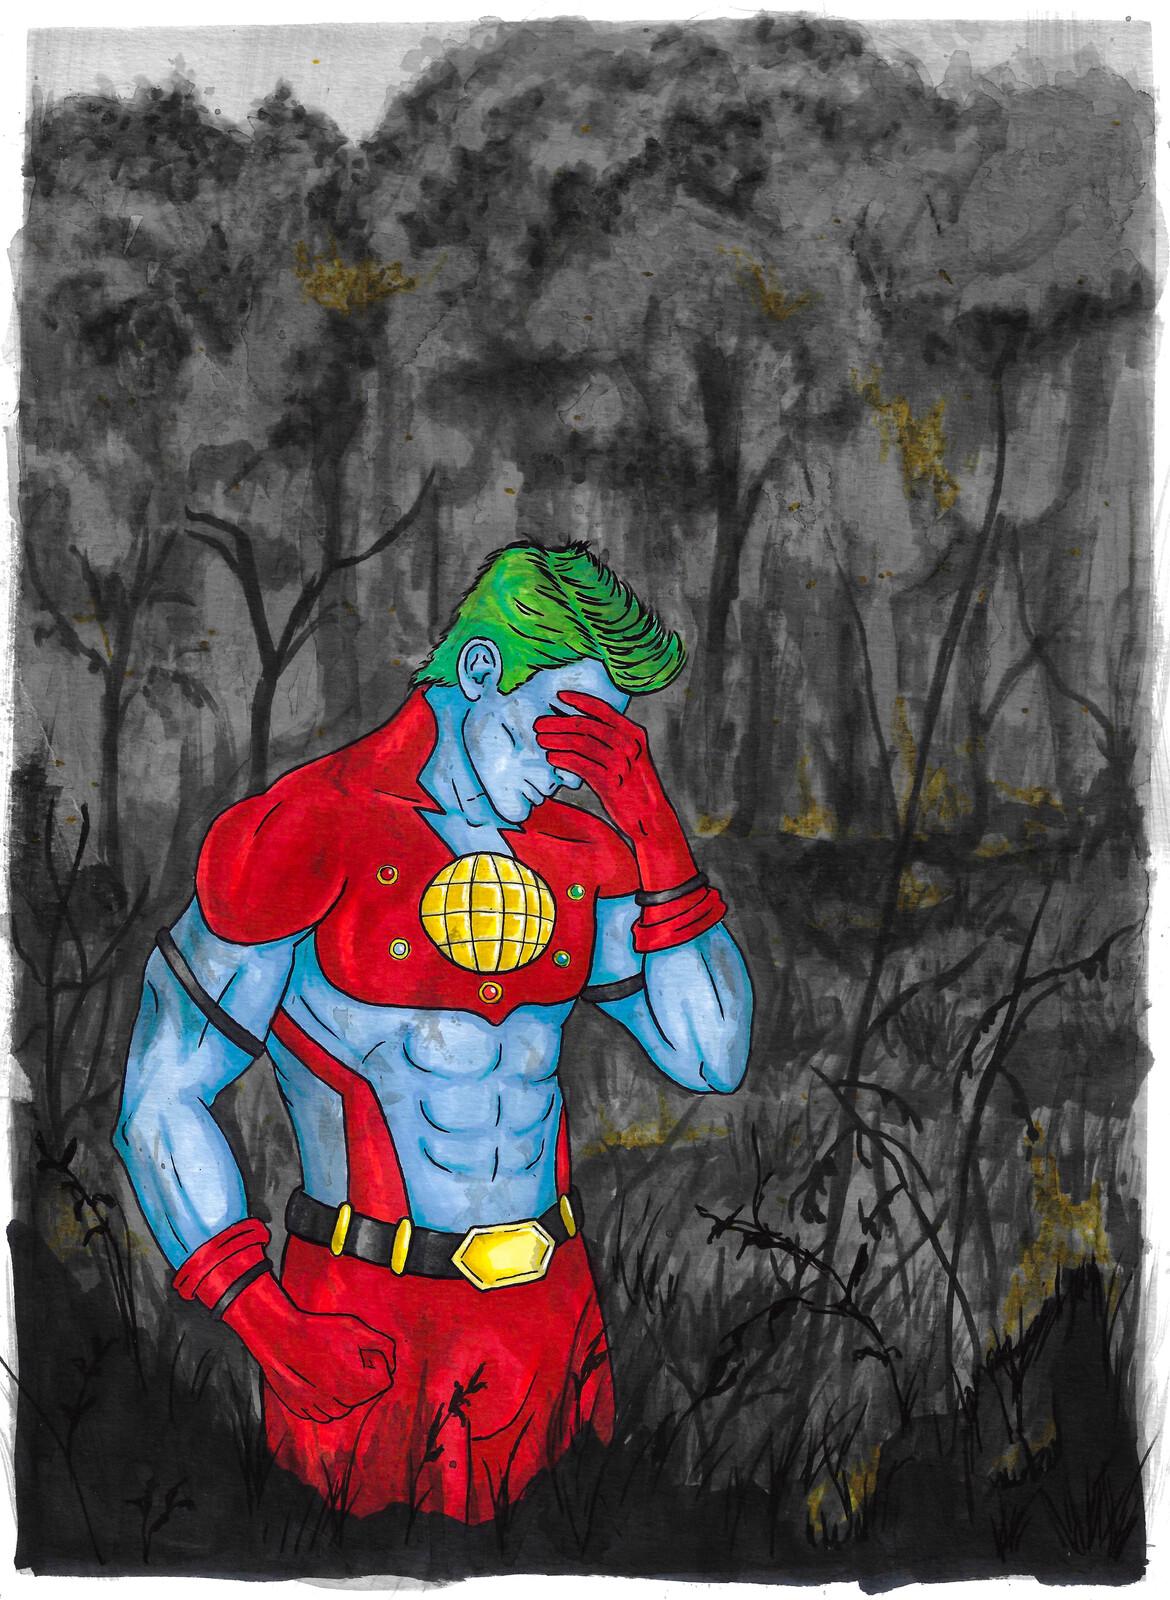 Captain Planet fan art